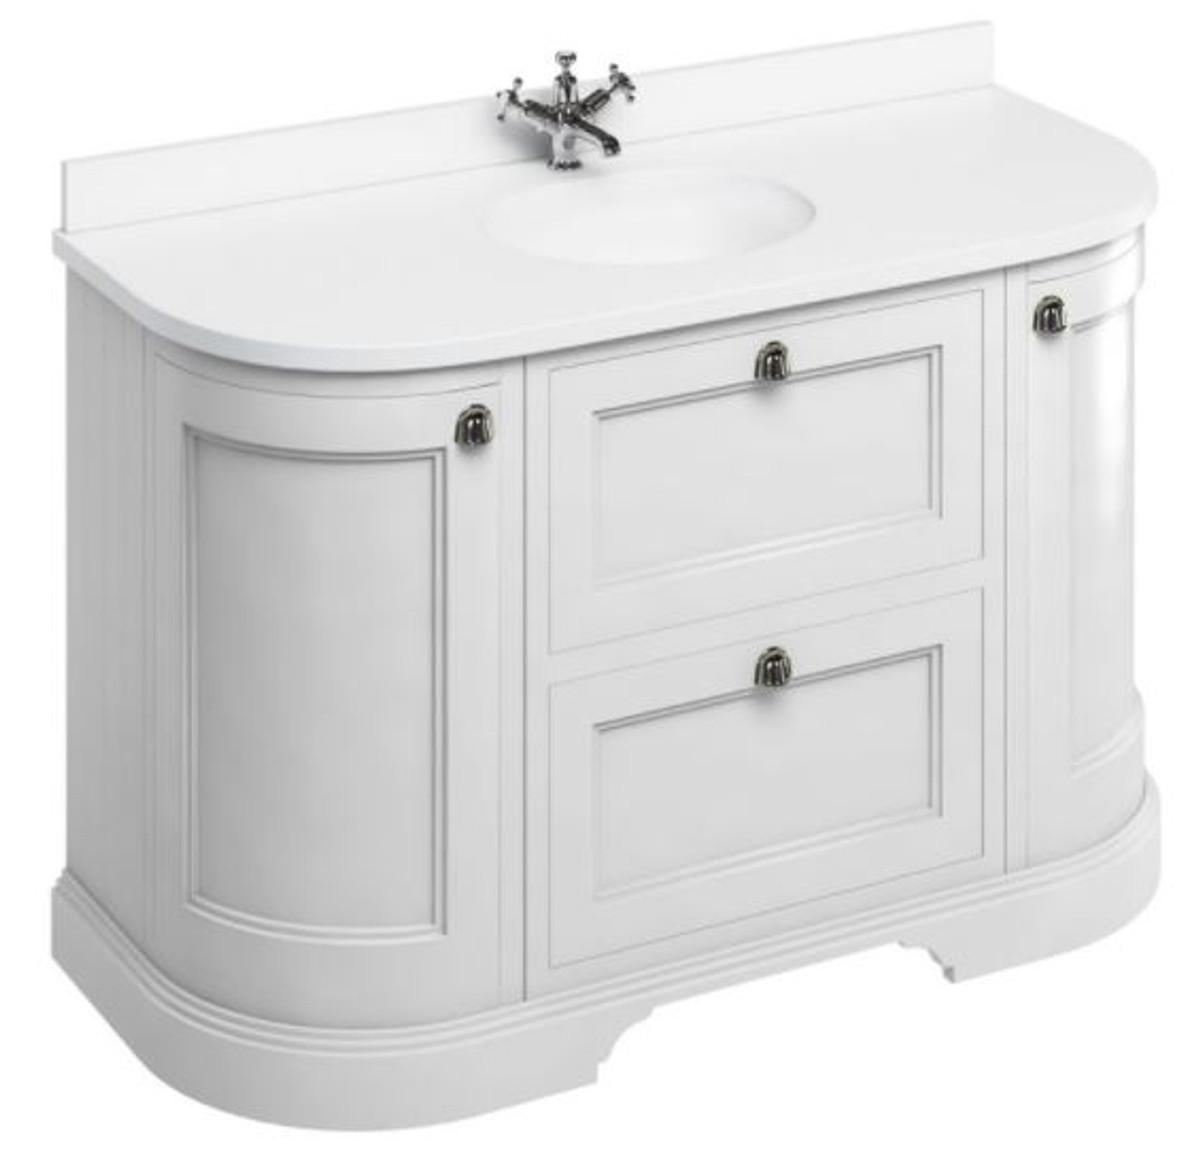 casa padrino waschschrank waschtisch mit marmorplatte t ren und schubladen freistehende. Black Bedroom Furniture Sets. Home Design Ideas